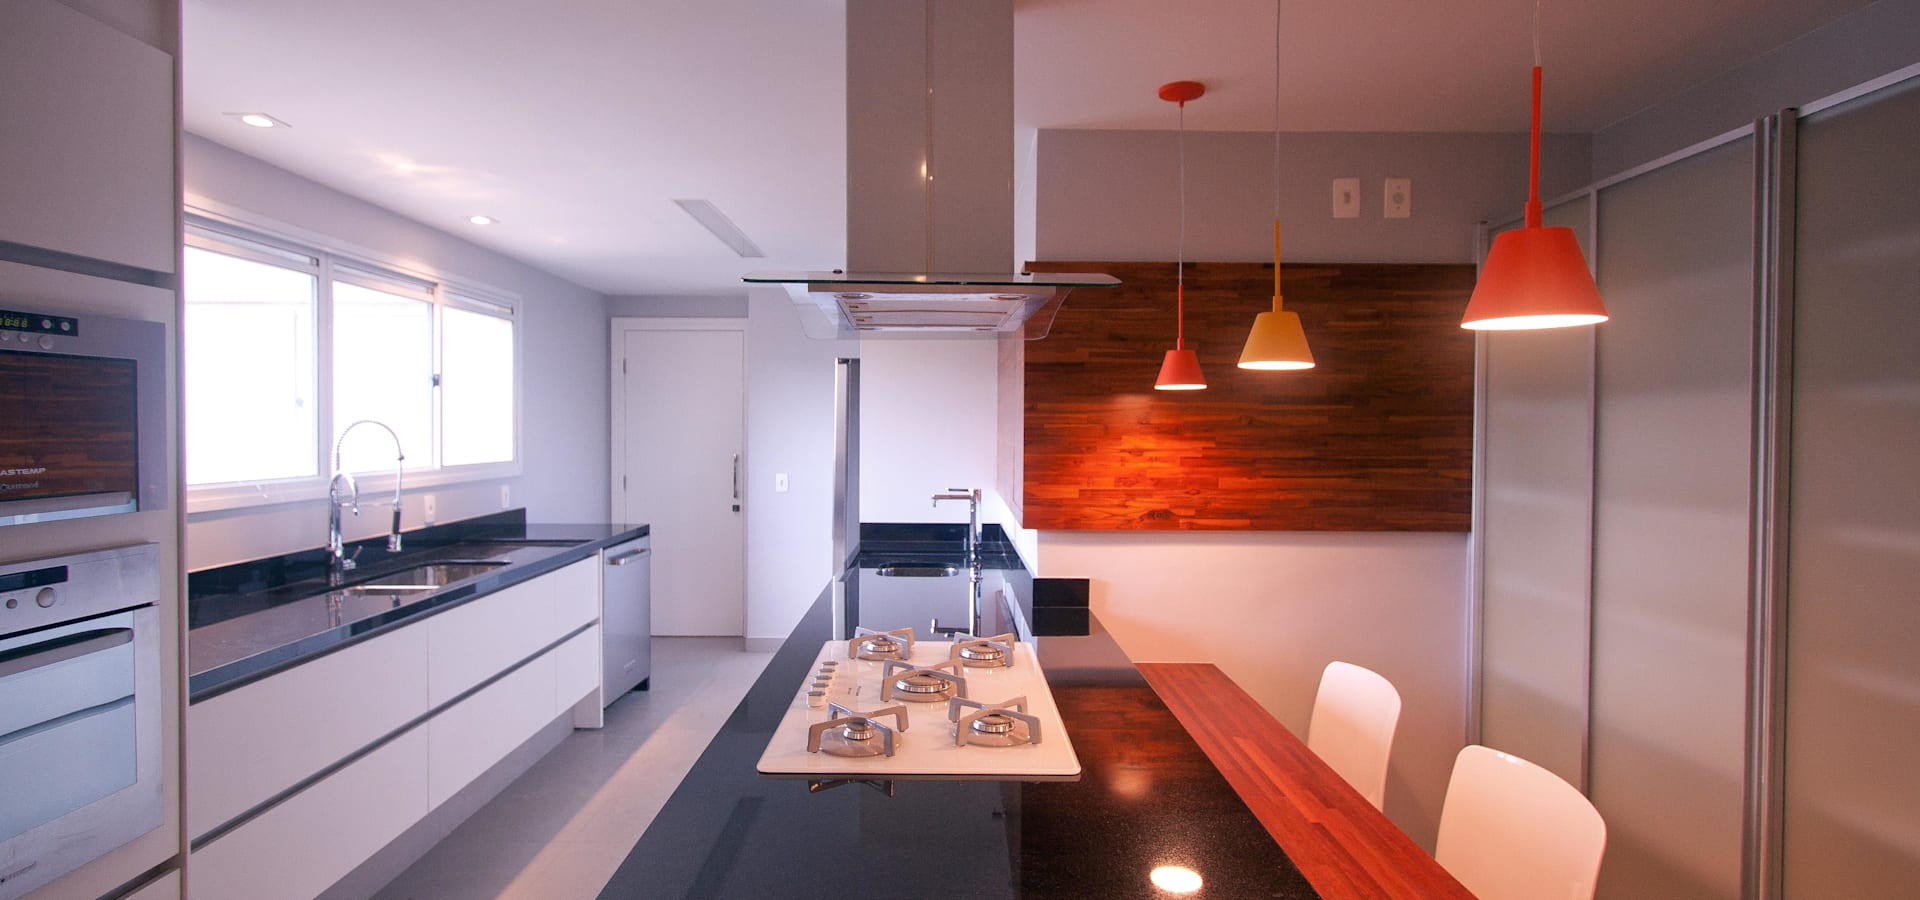 Apartamento Conceito Aberto Por Am Arquitetura E Interiores Homify